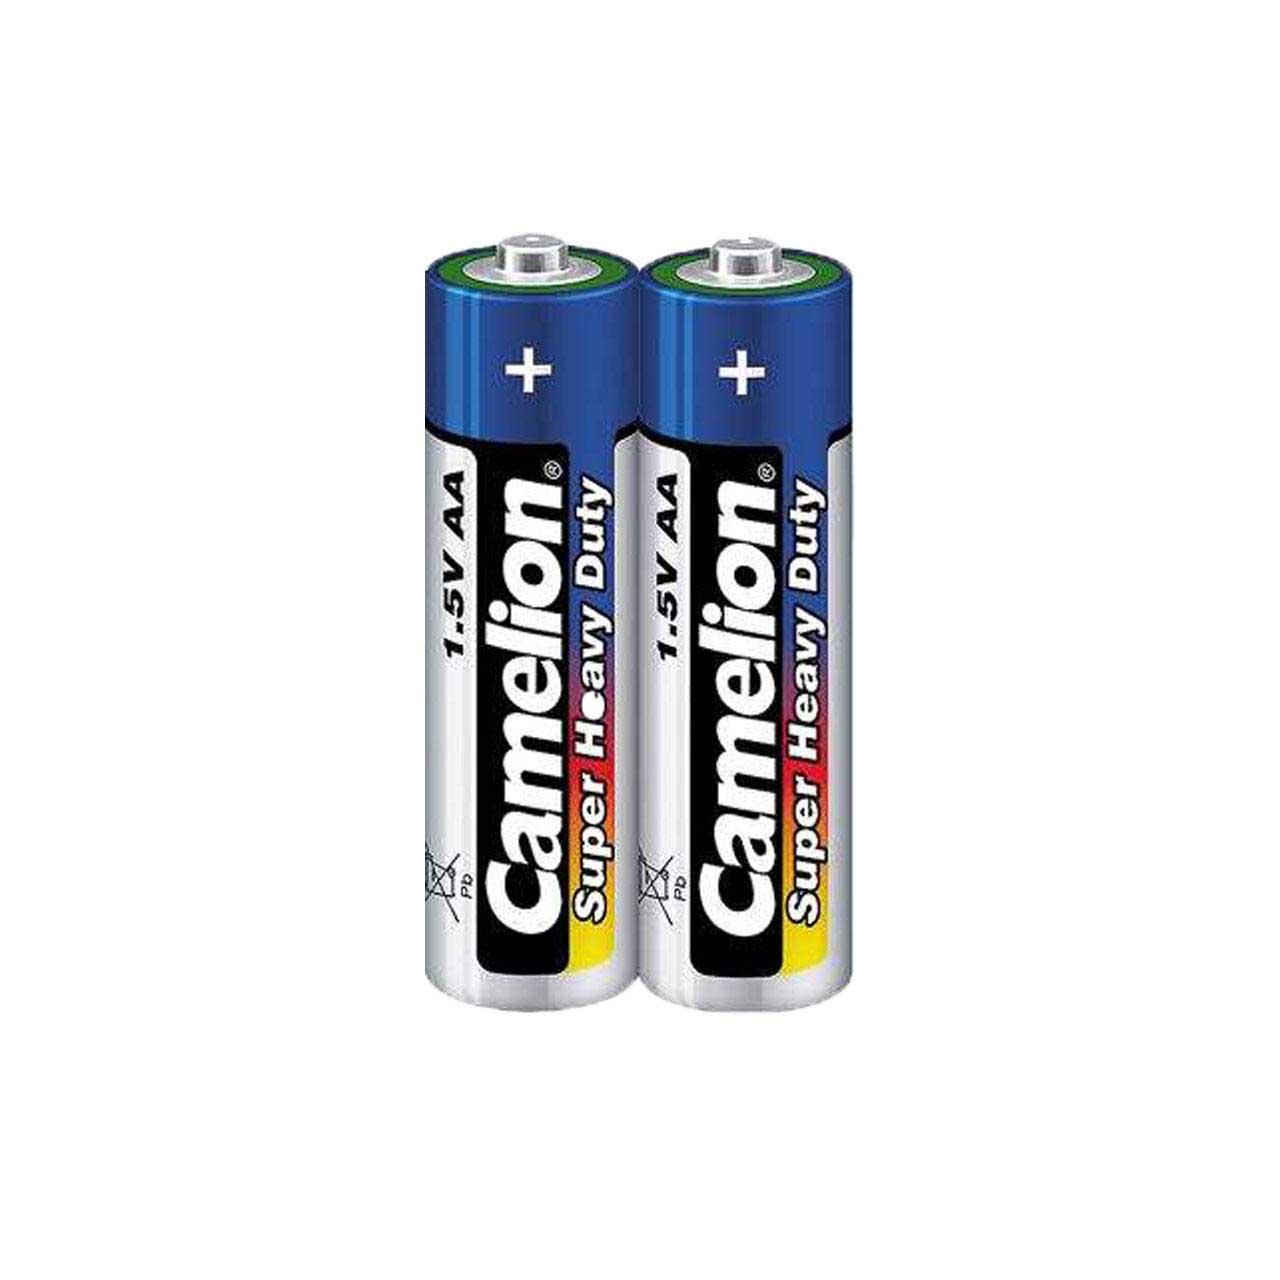 باتری قلمی کملیون مدل Super Heavy Duty کد 501 بسته 80 عددی